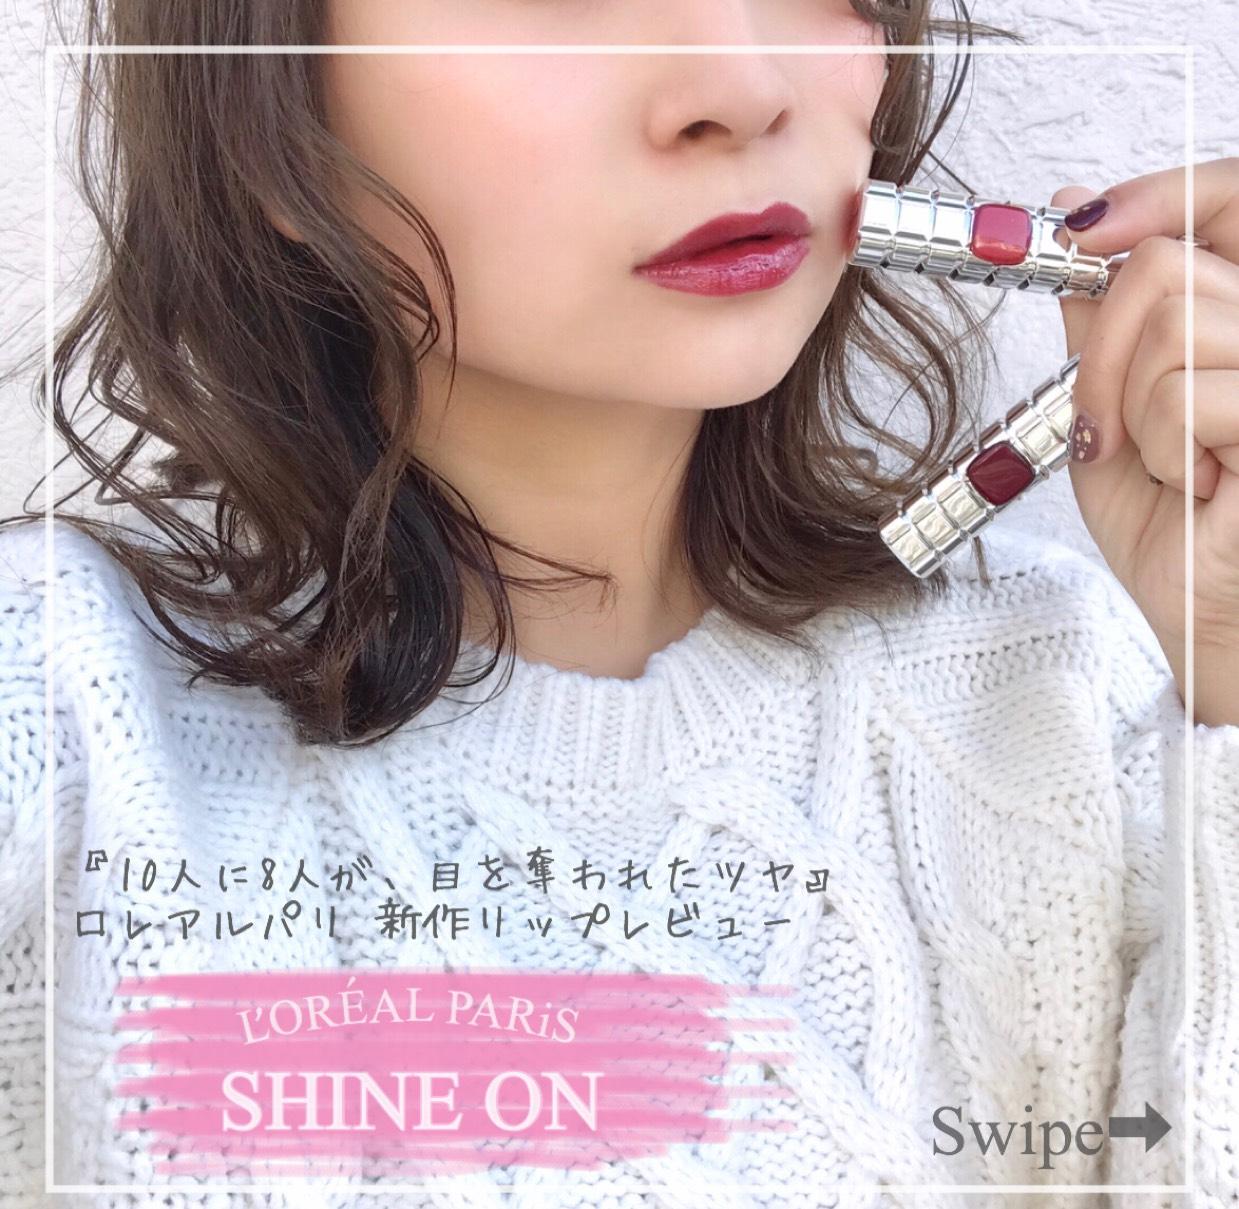 ロレアルパリ SHINE ON レビュー